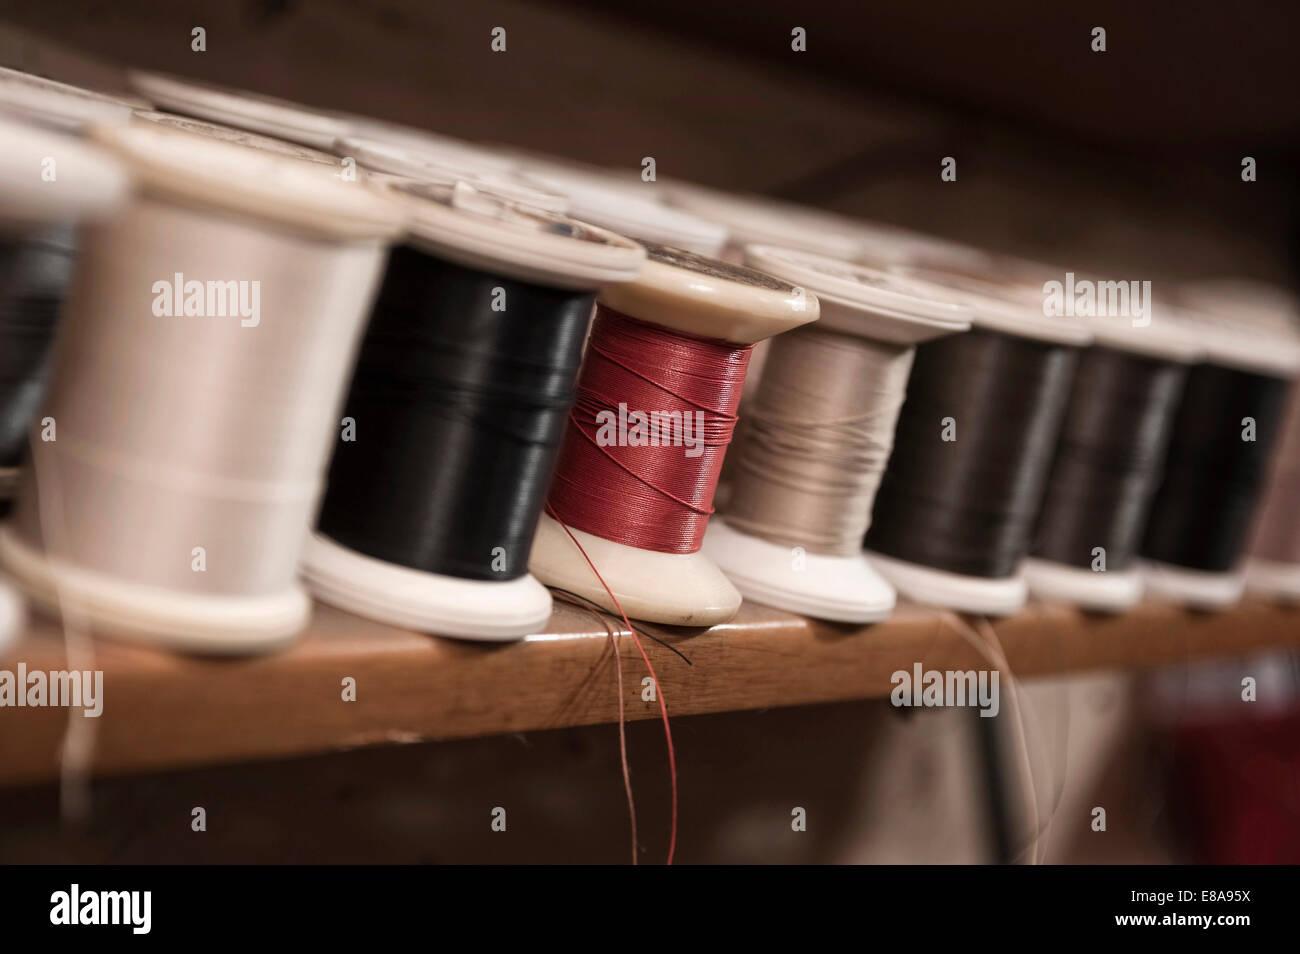 Variété de bobines de fils dans une boutique du cordonnier Photo Stock